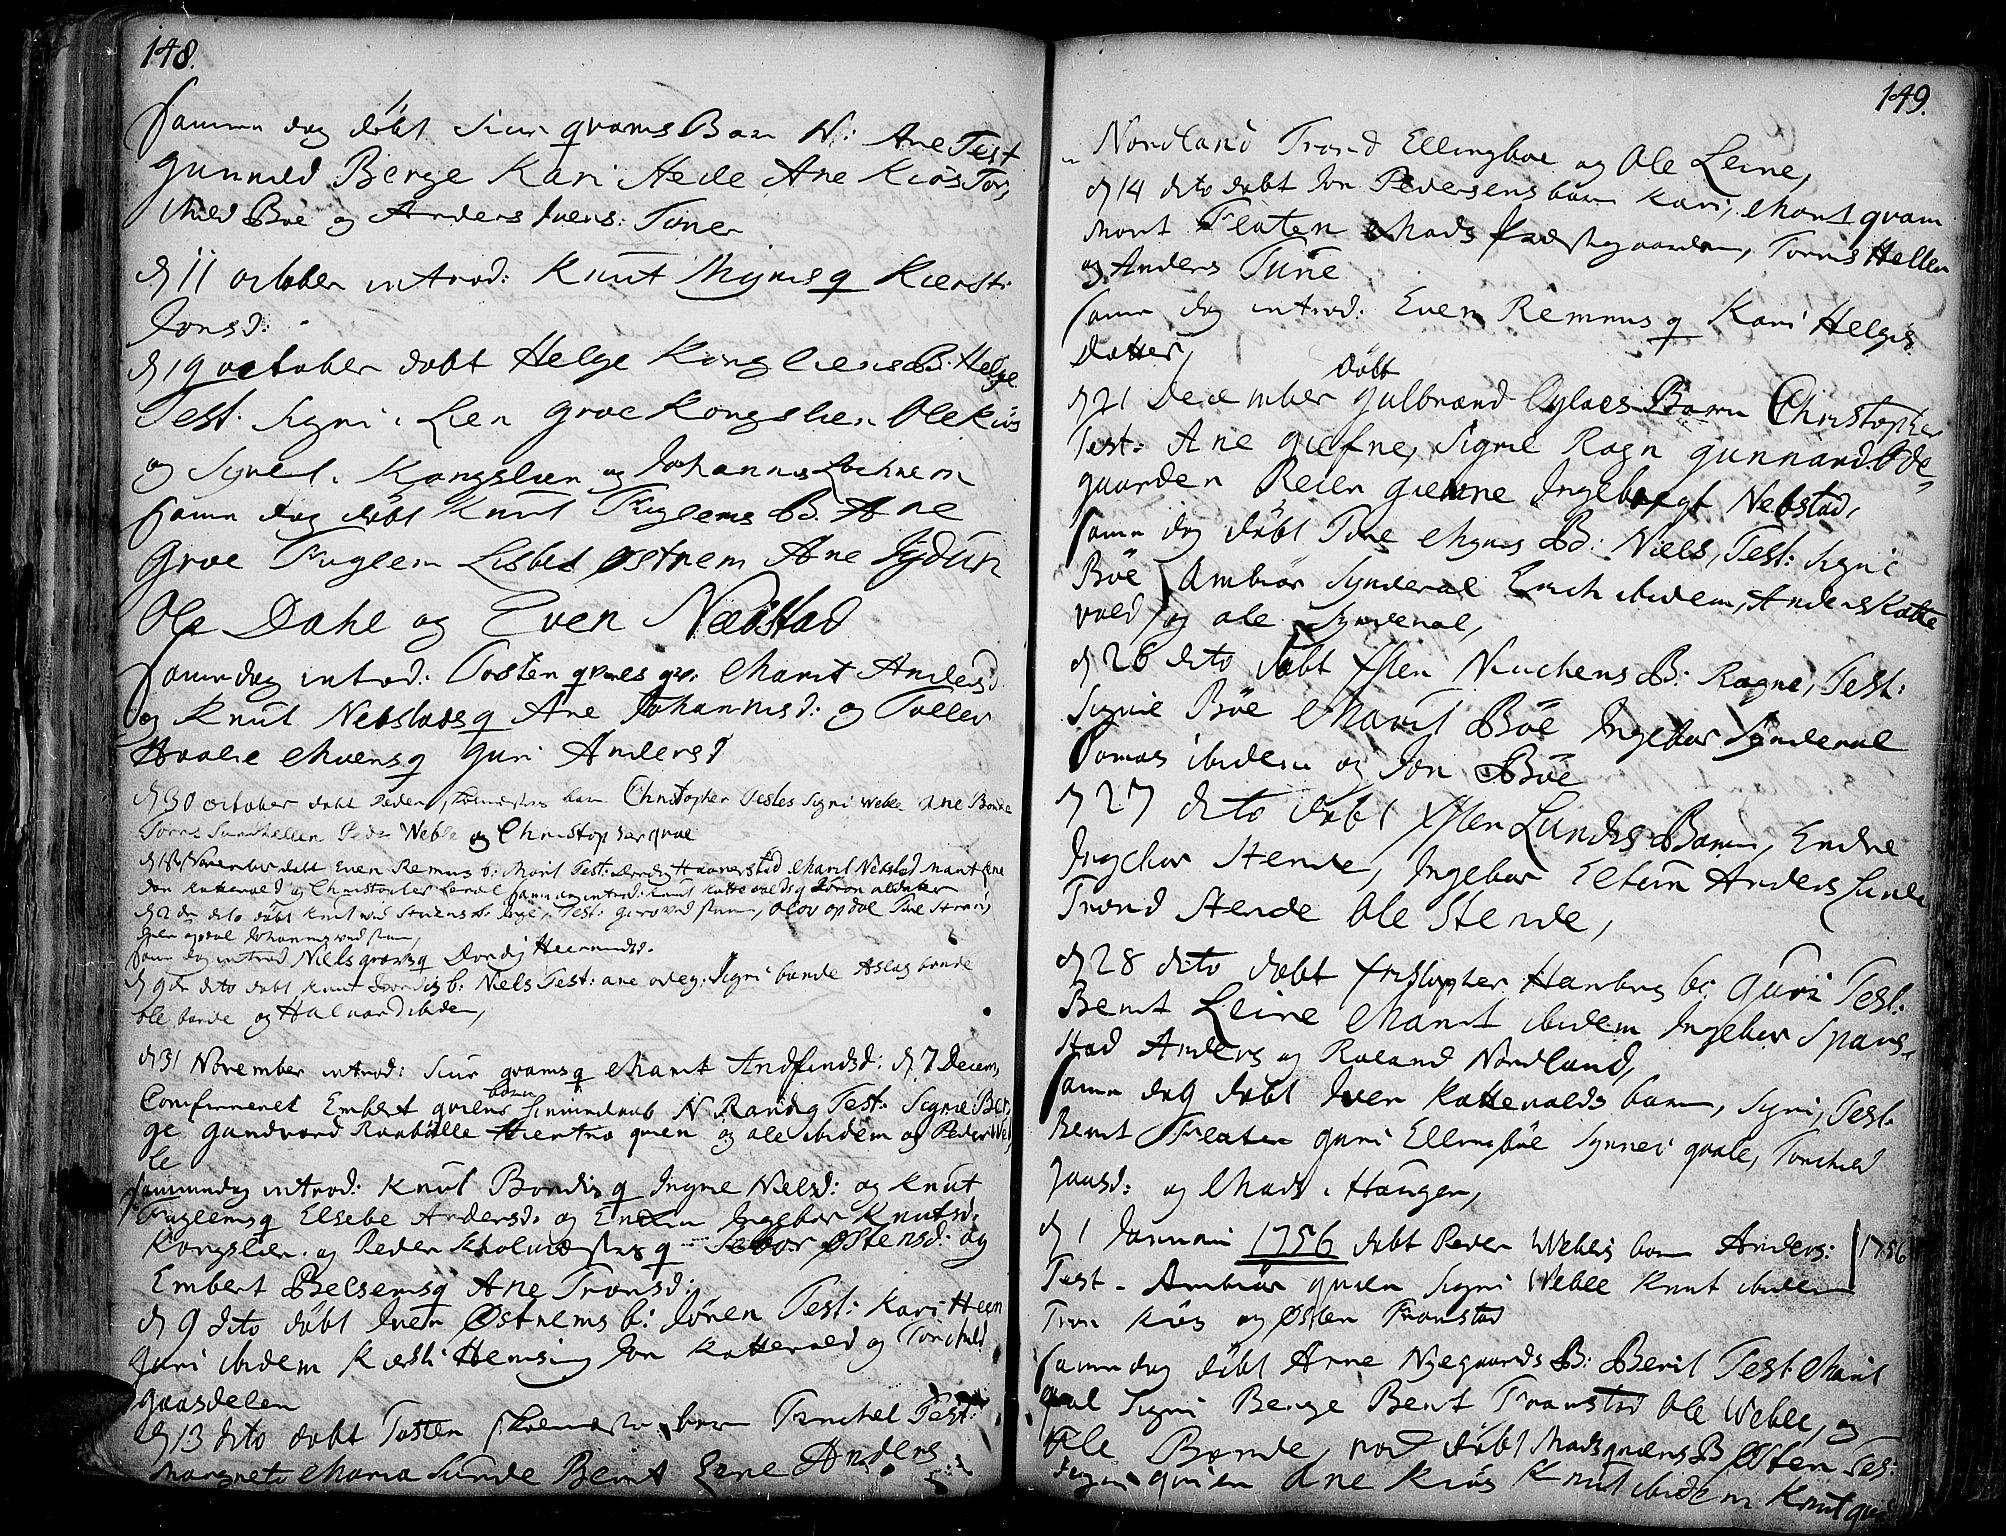 SAH, Vang prestekontor, Valdres, Ministerialbok nr. 1, 1730-1796, s. 148-149